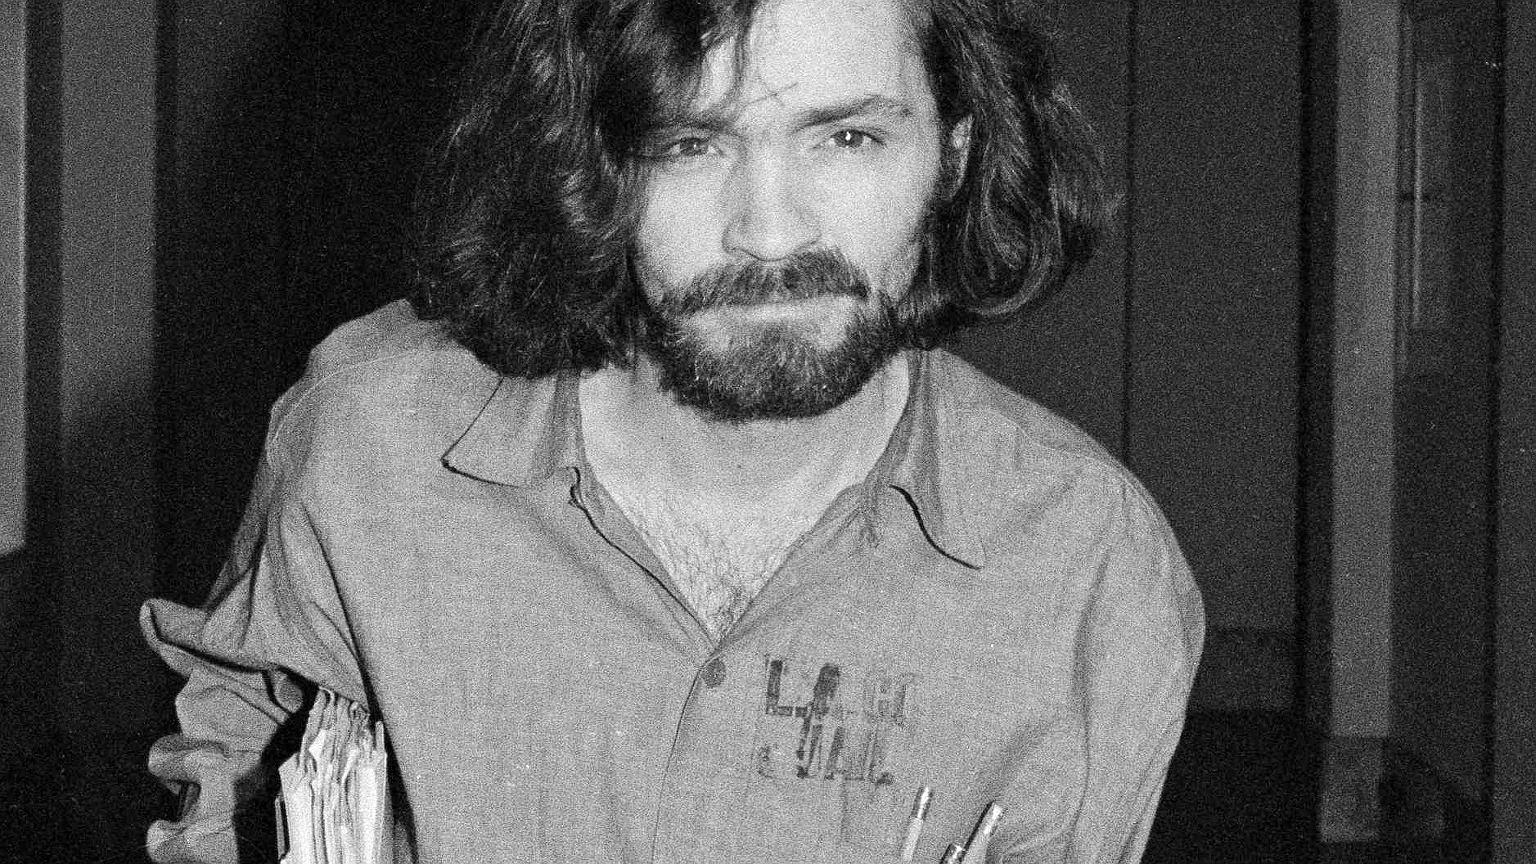 Manson w 1970 r. w trakcie procesu Lindy Kasabian